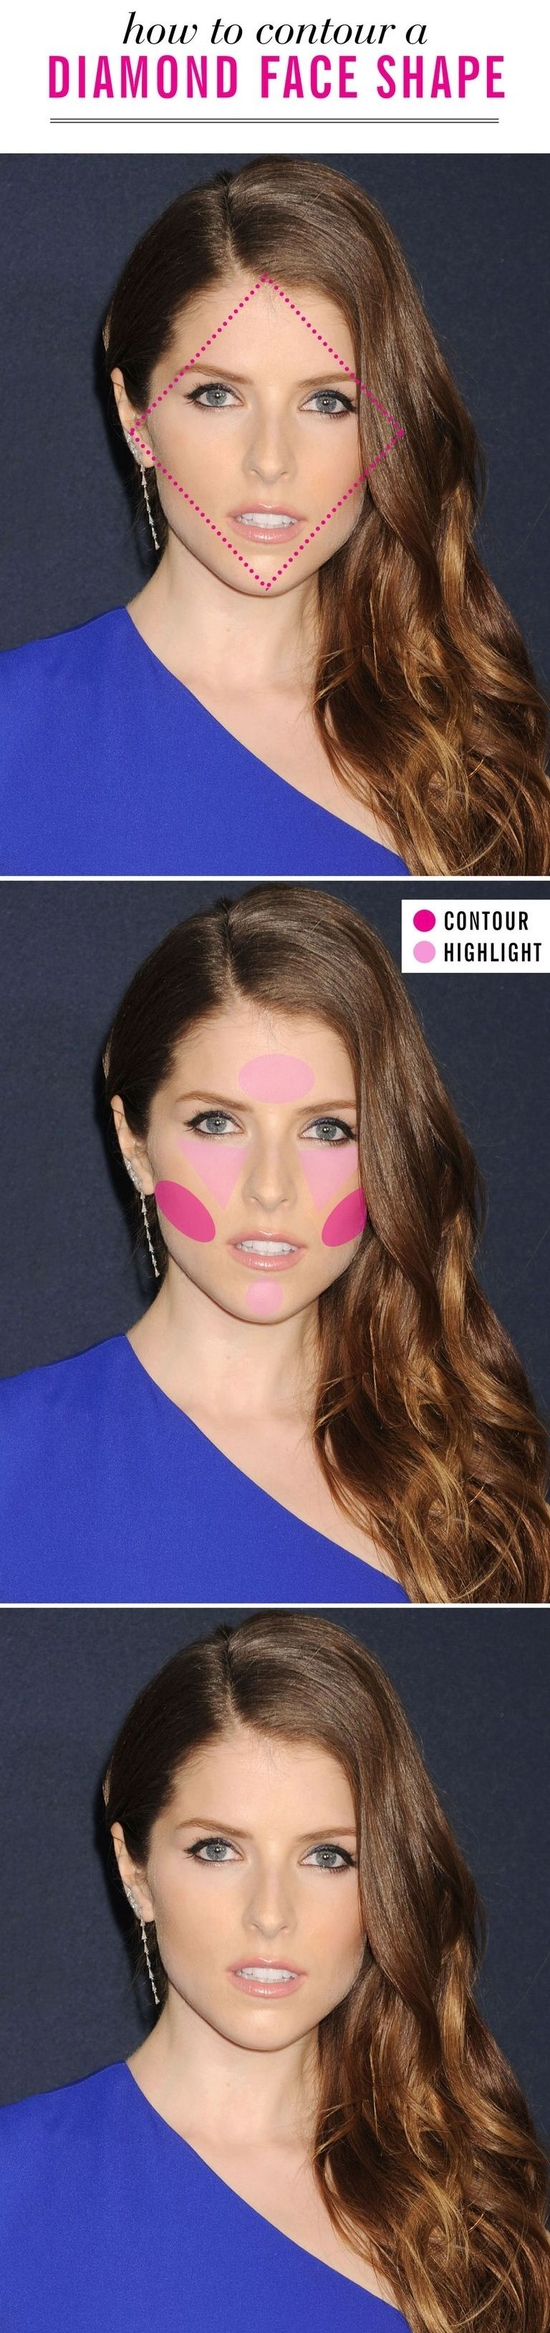 الطريقة الصحيحة لعمل الكونتورينغ بحسب شكل وجهك